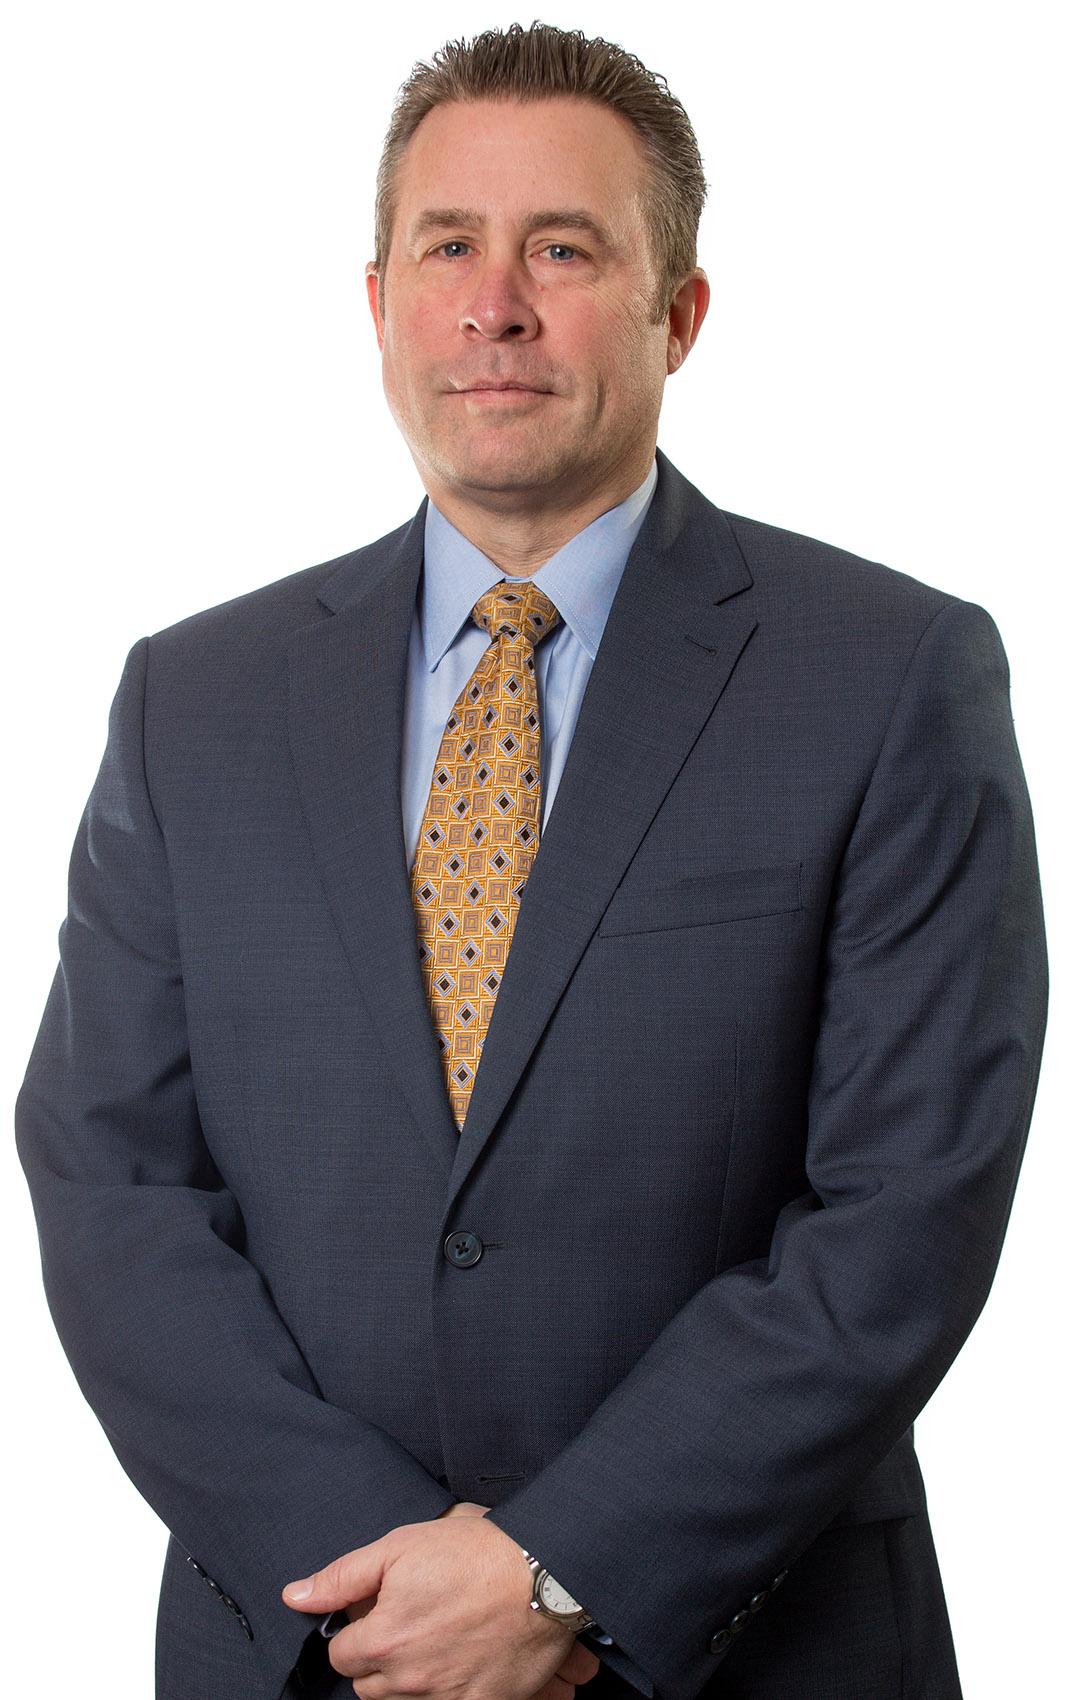 Matthew S. Sturtz